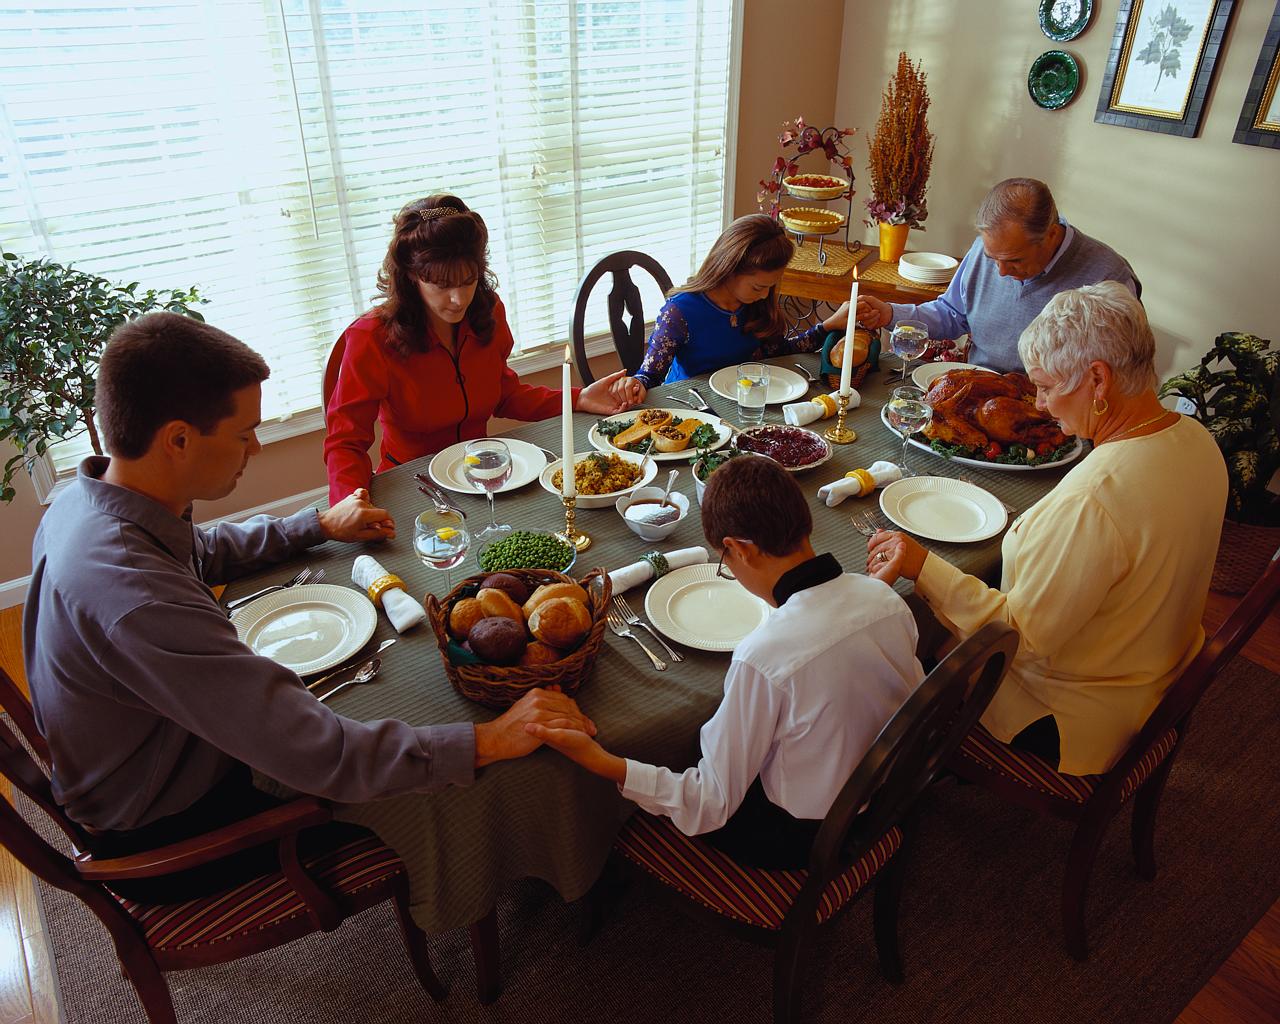 Στρεβλώσεις της θεωρουμένης ως χριστιανικής οικογένειας